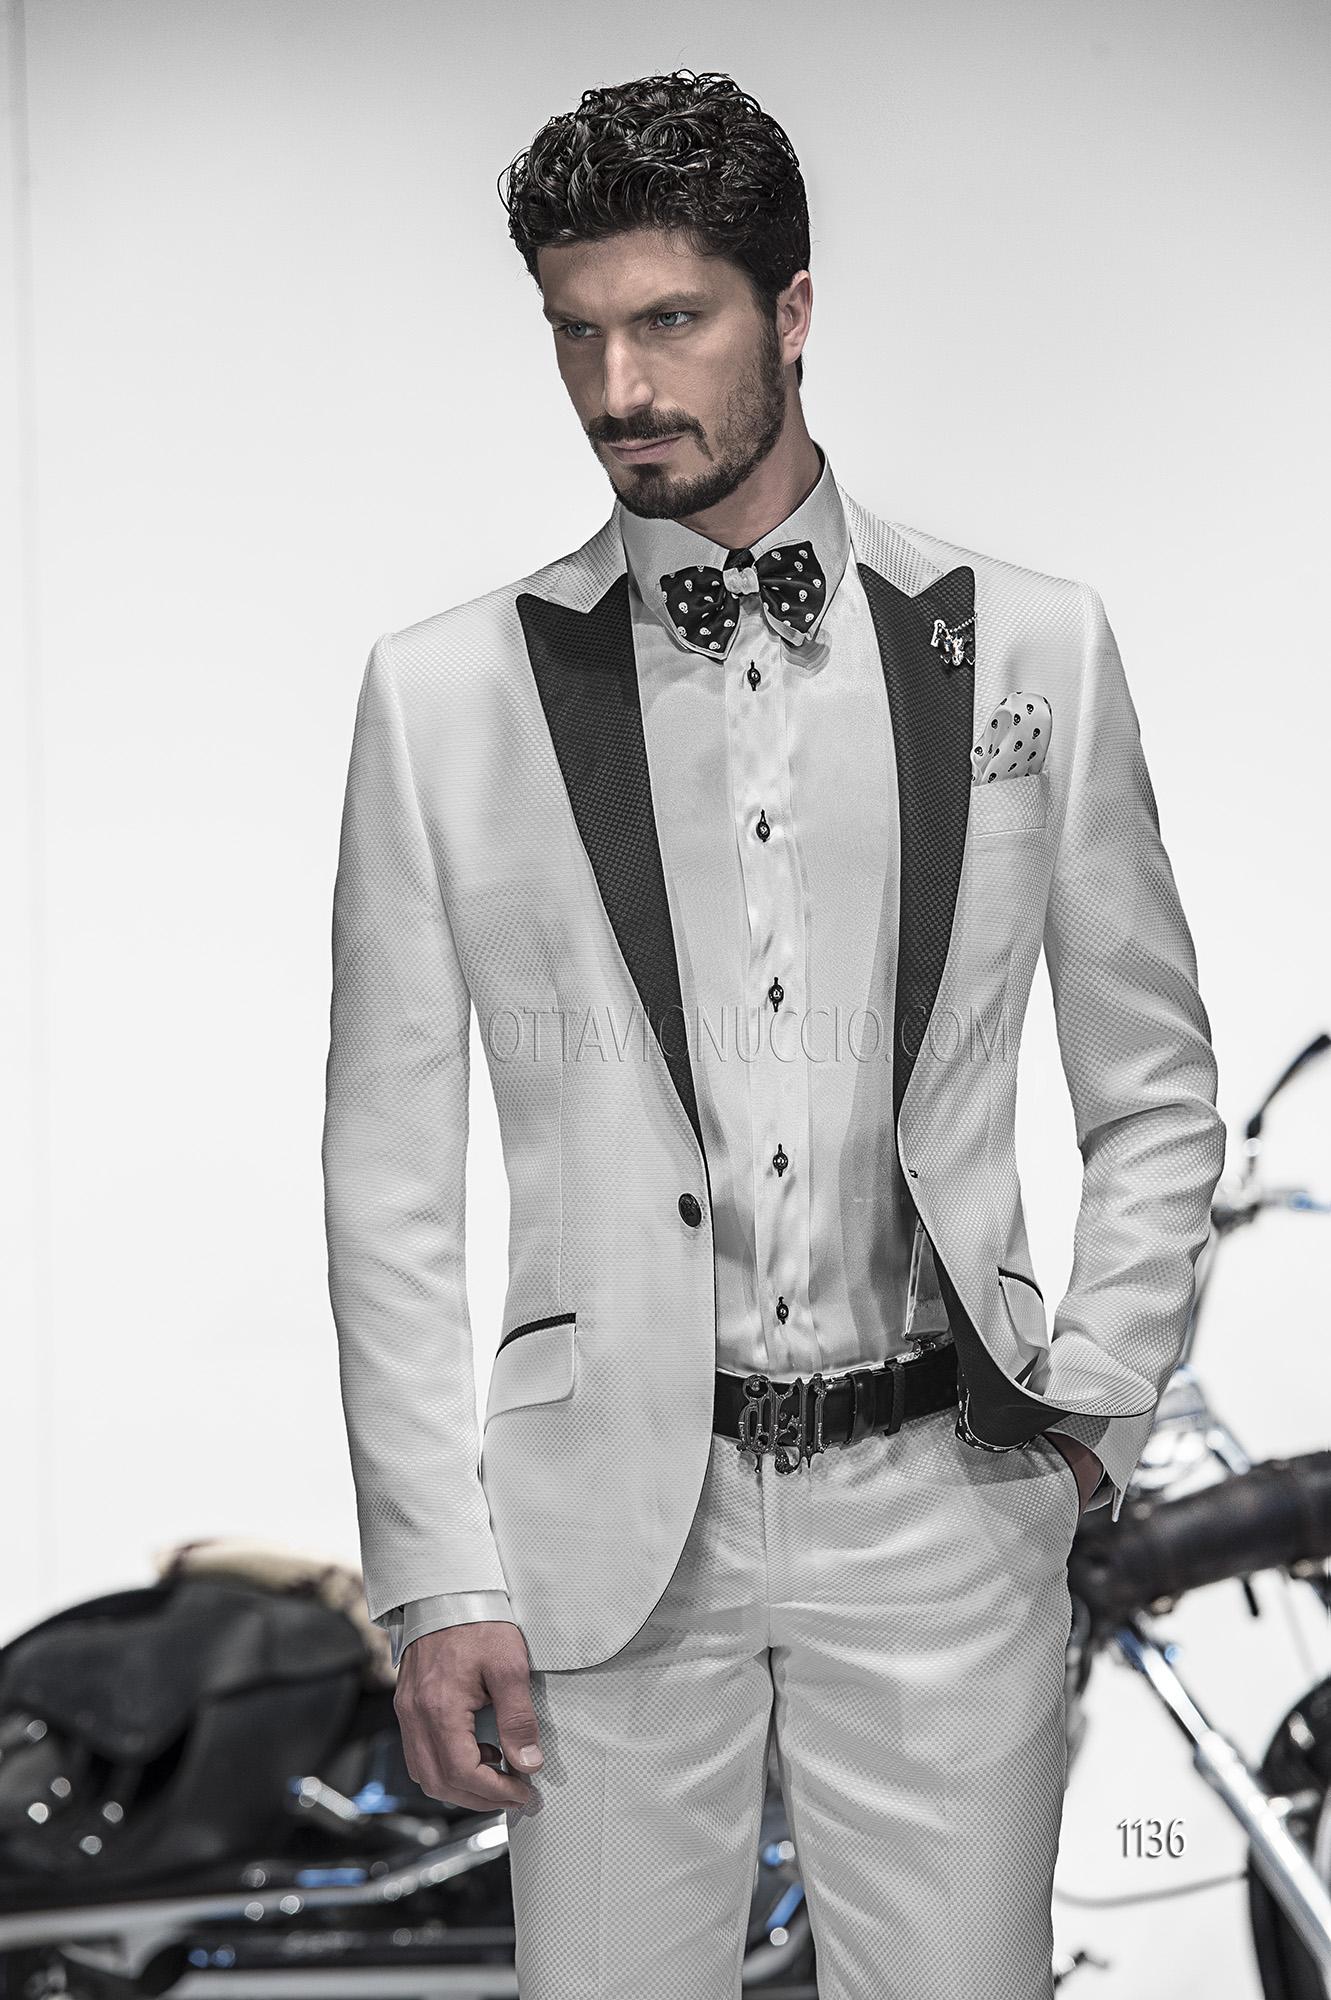 Visita eBay per trovare una vasta selezione di abito bianco uomo. Scopri le migliori offerte, subito a casa, in tutta sicurezza.